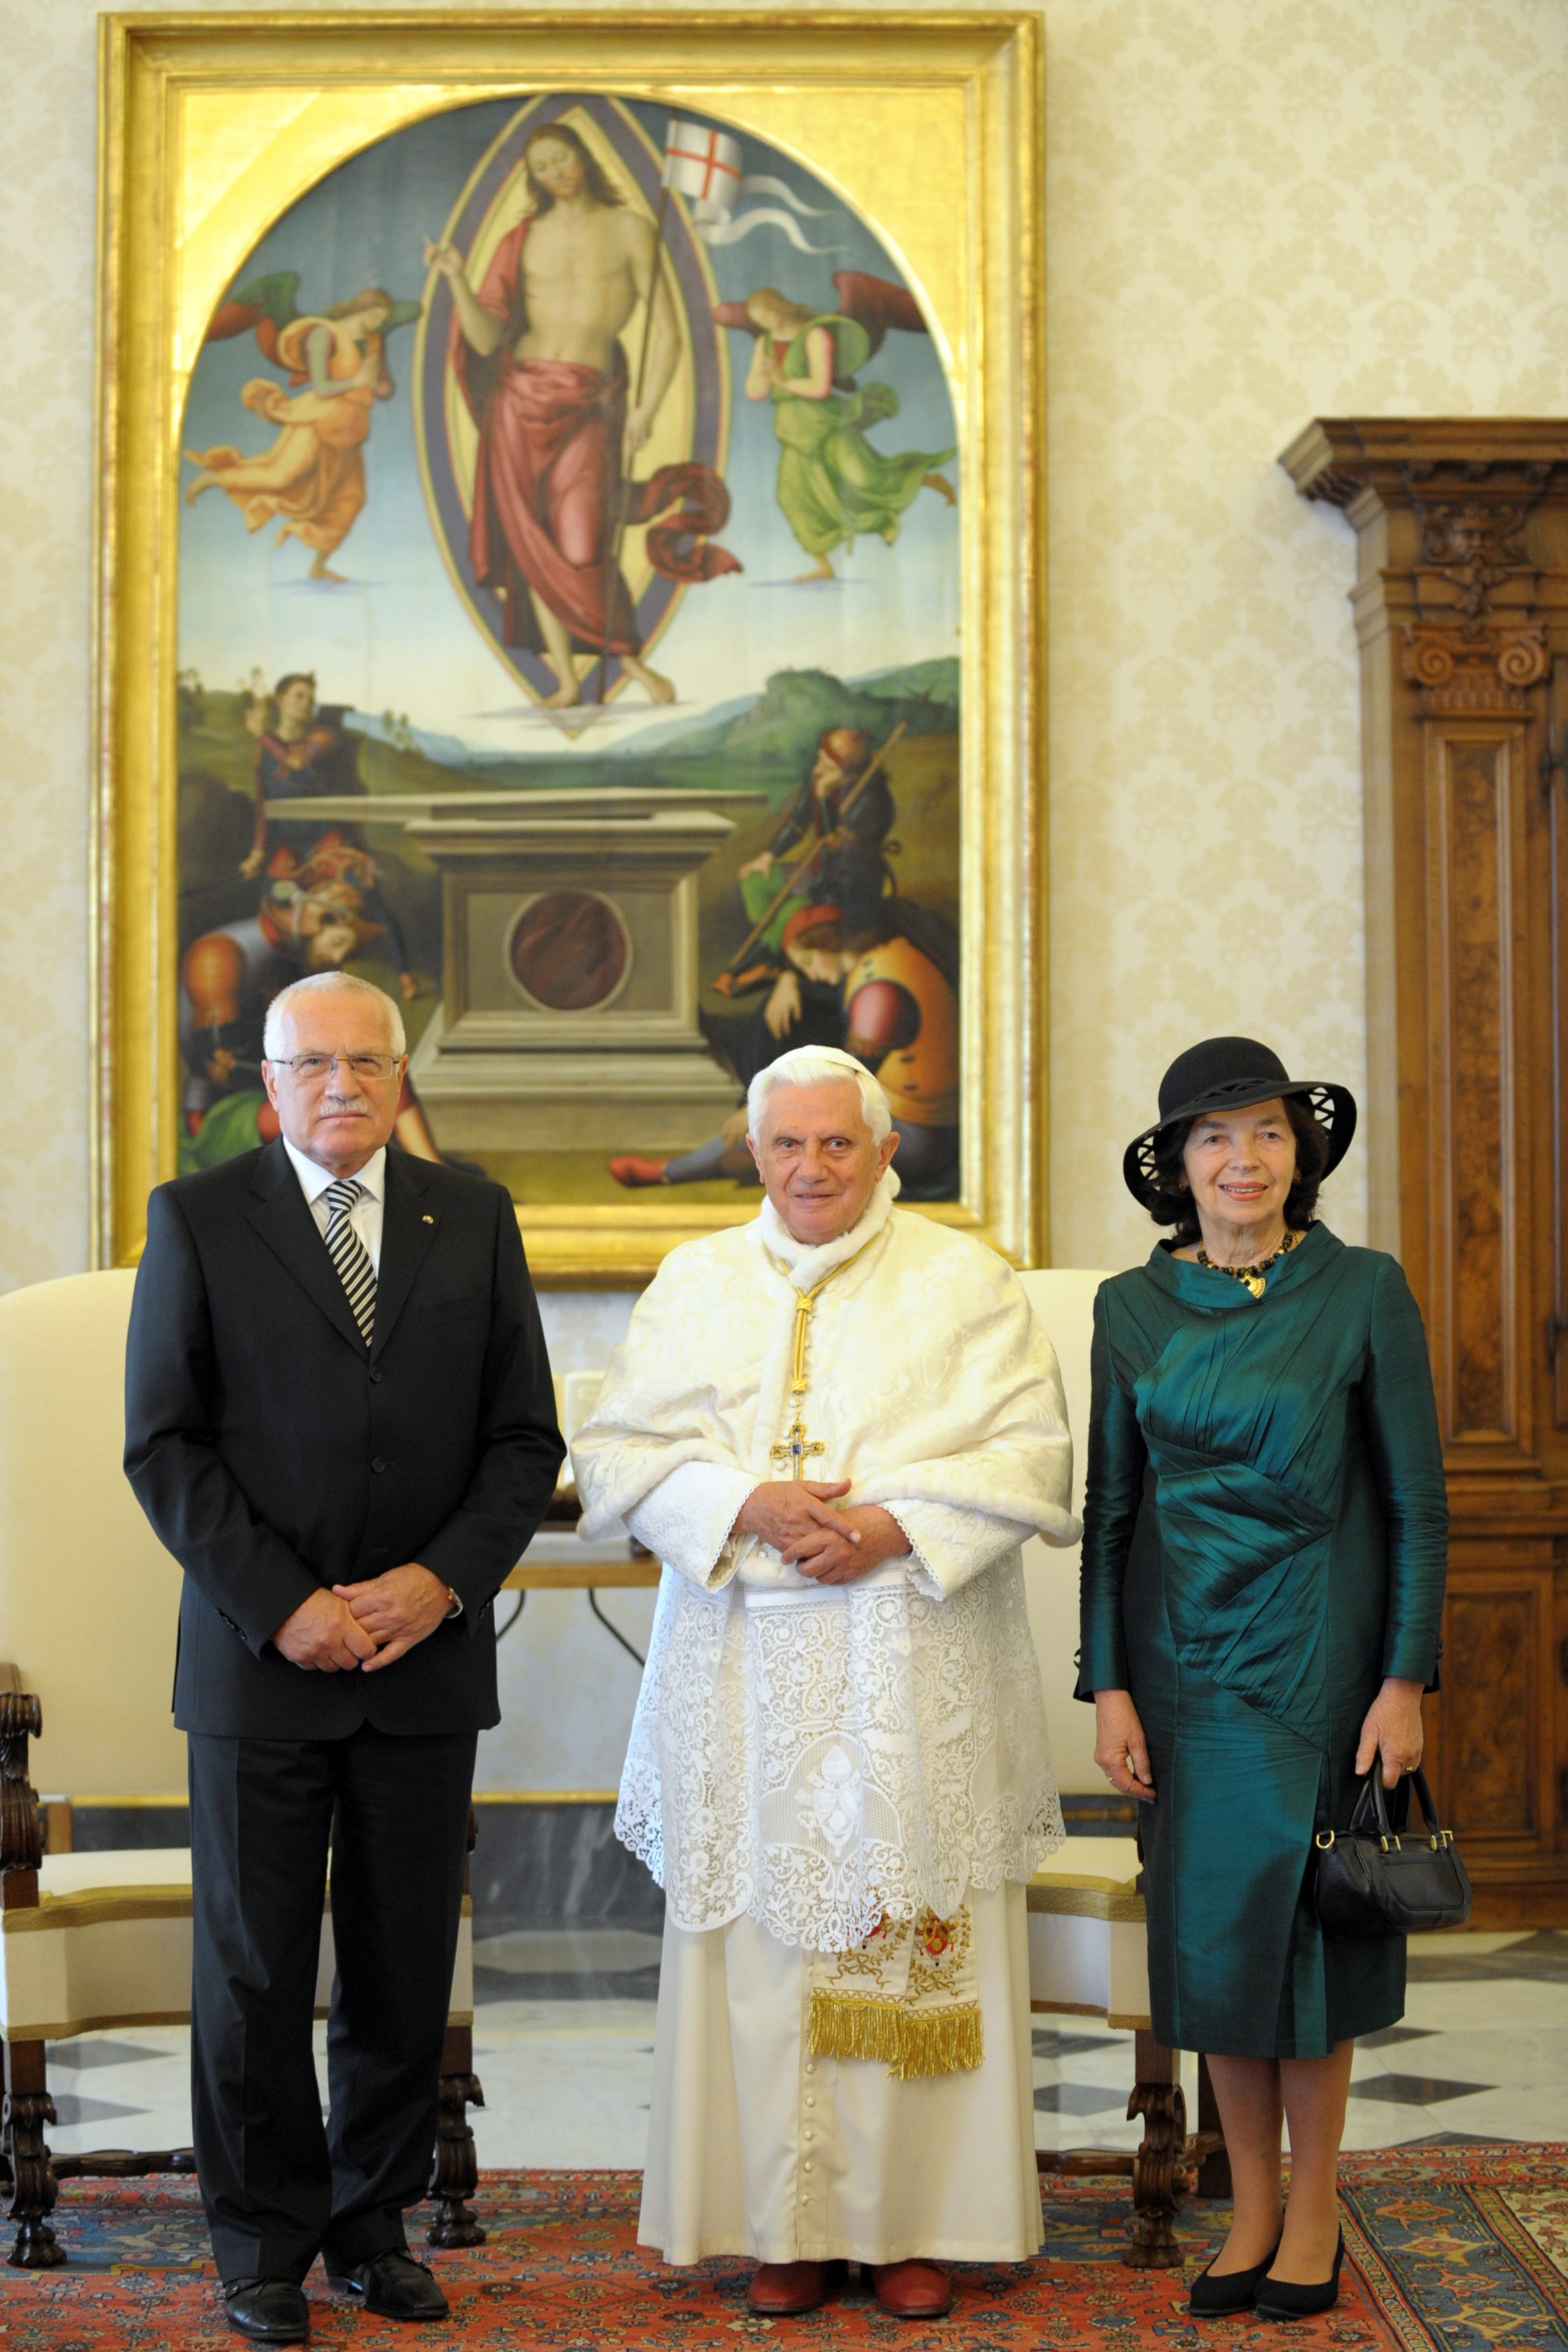 Setkání prezidenta republiky Václava Klause a jeho choti Livie Klausové s Jeho Svatostí Benediktem XVI.